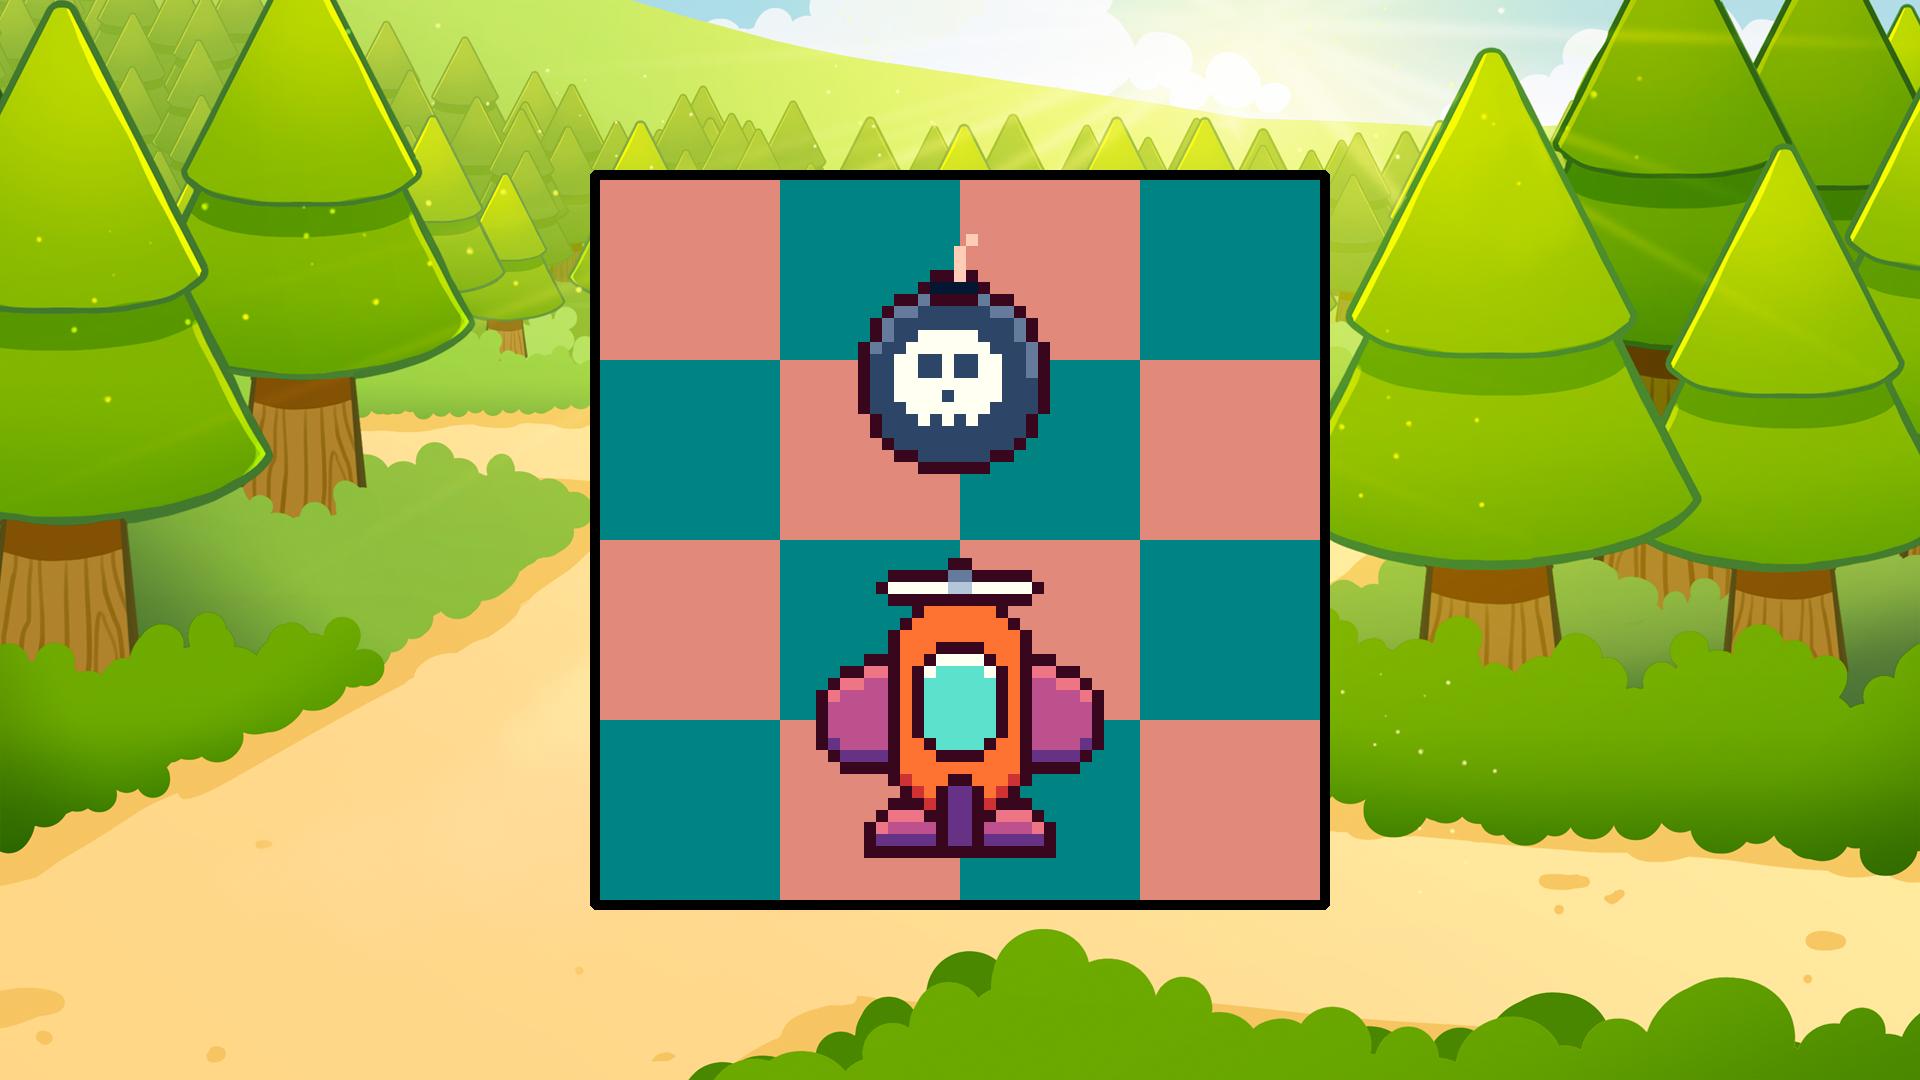 Icon for Bomb Defuser